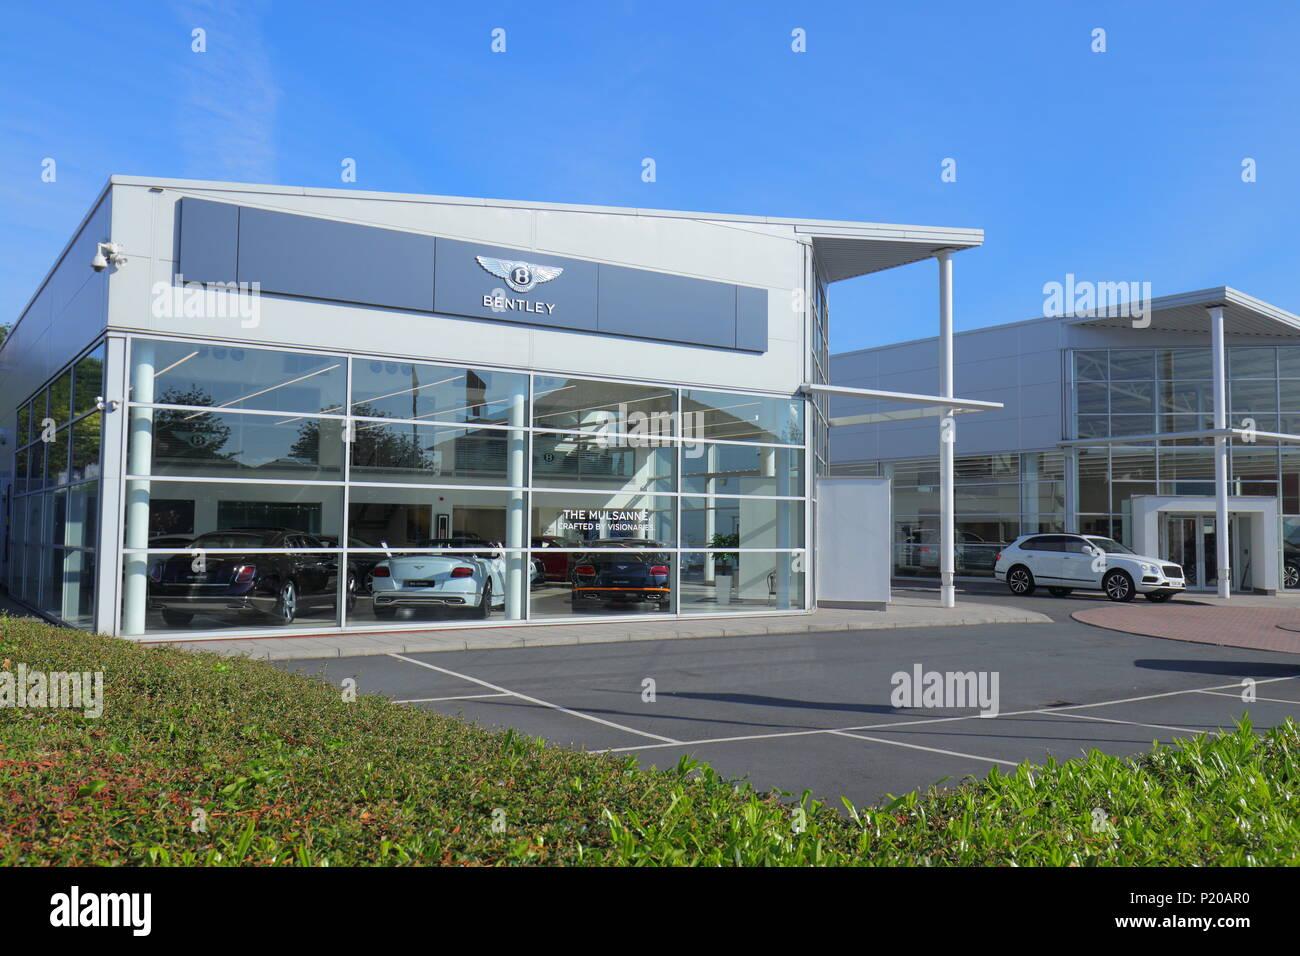 Bentley Car Dealers - Gelderd Road - Leeds - Stock Image